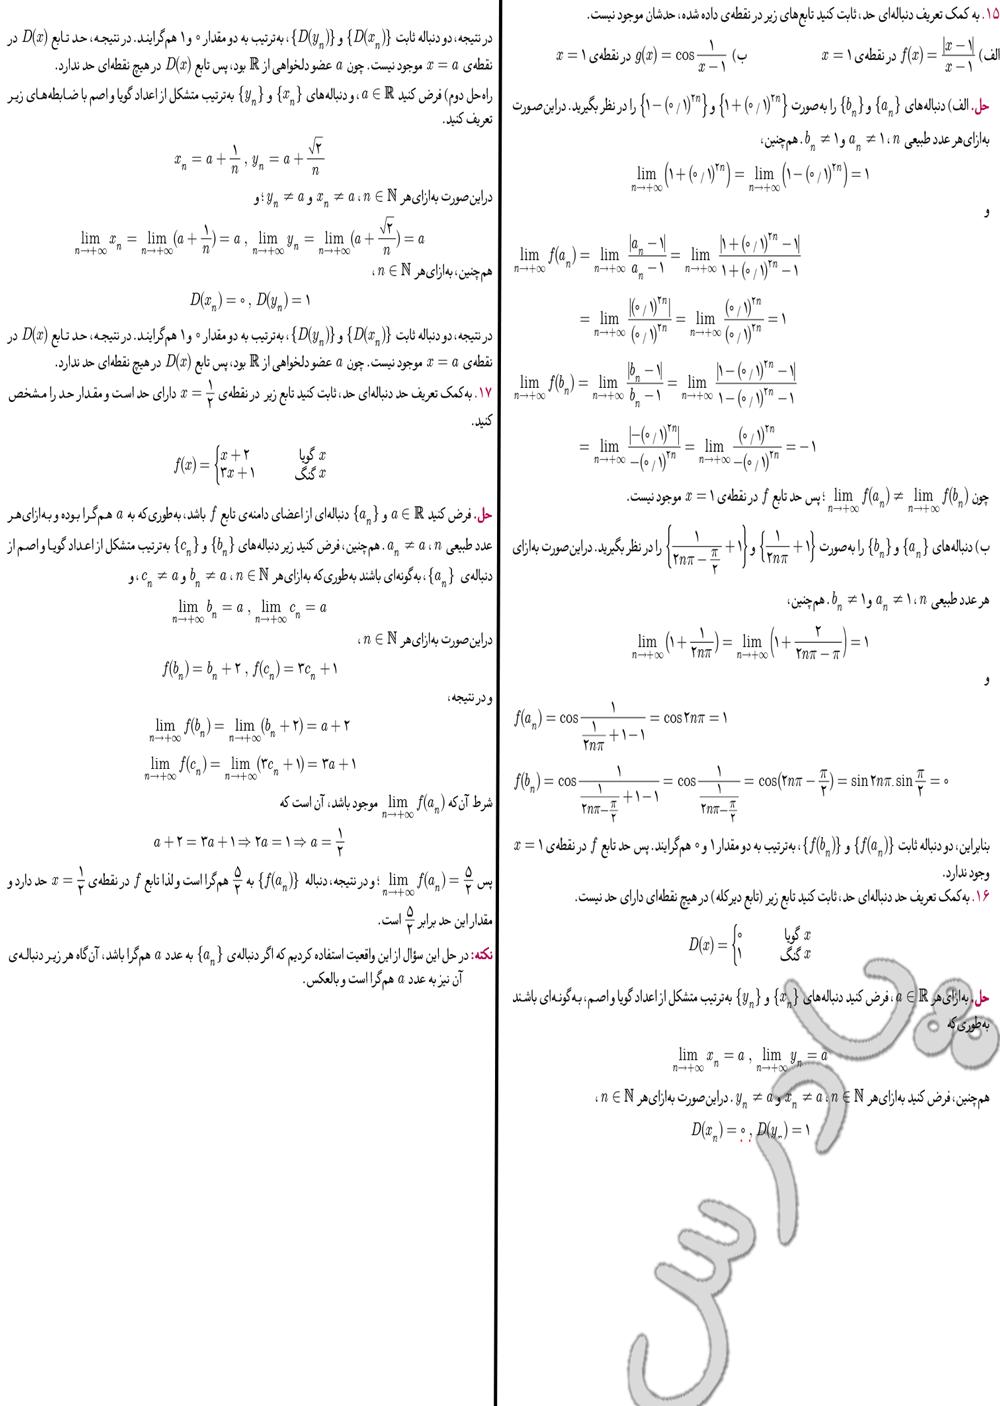 ادامه حل مسائل صفحه 88  فصل 2 دیفرانسیل پیش دانشگاهی